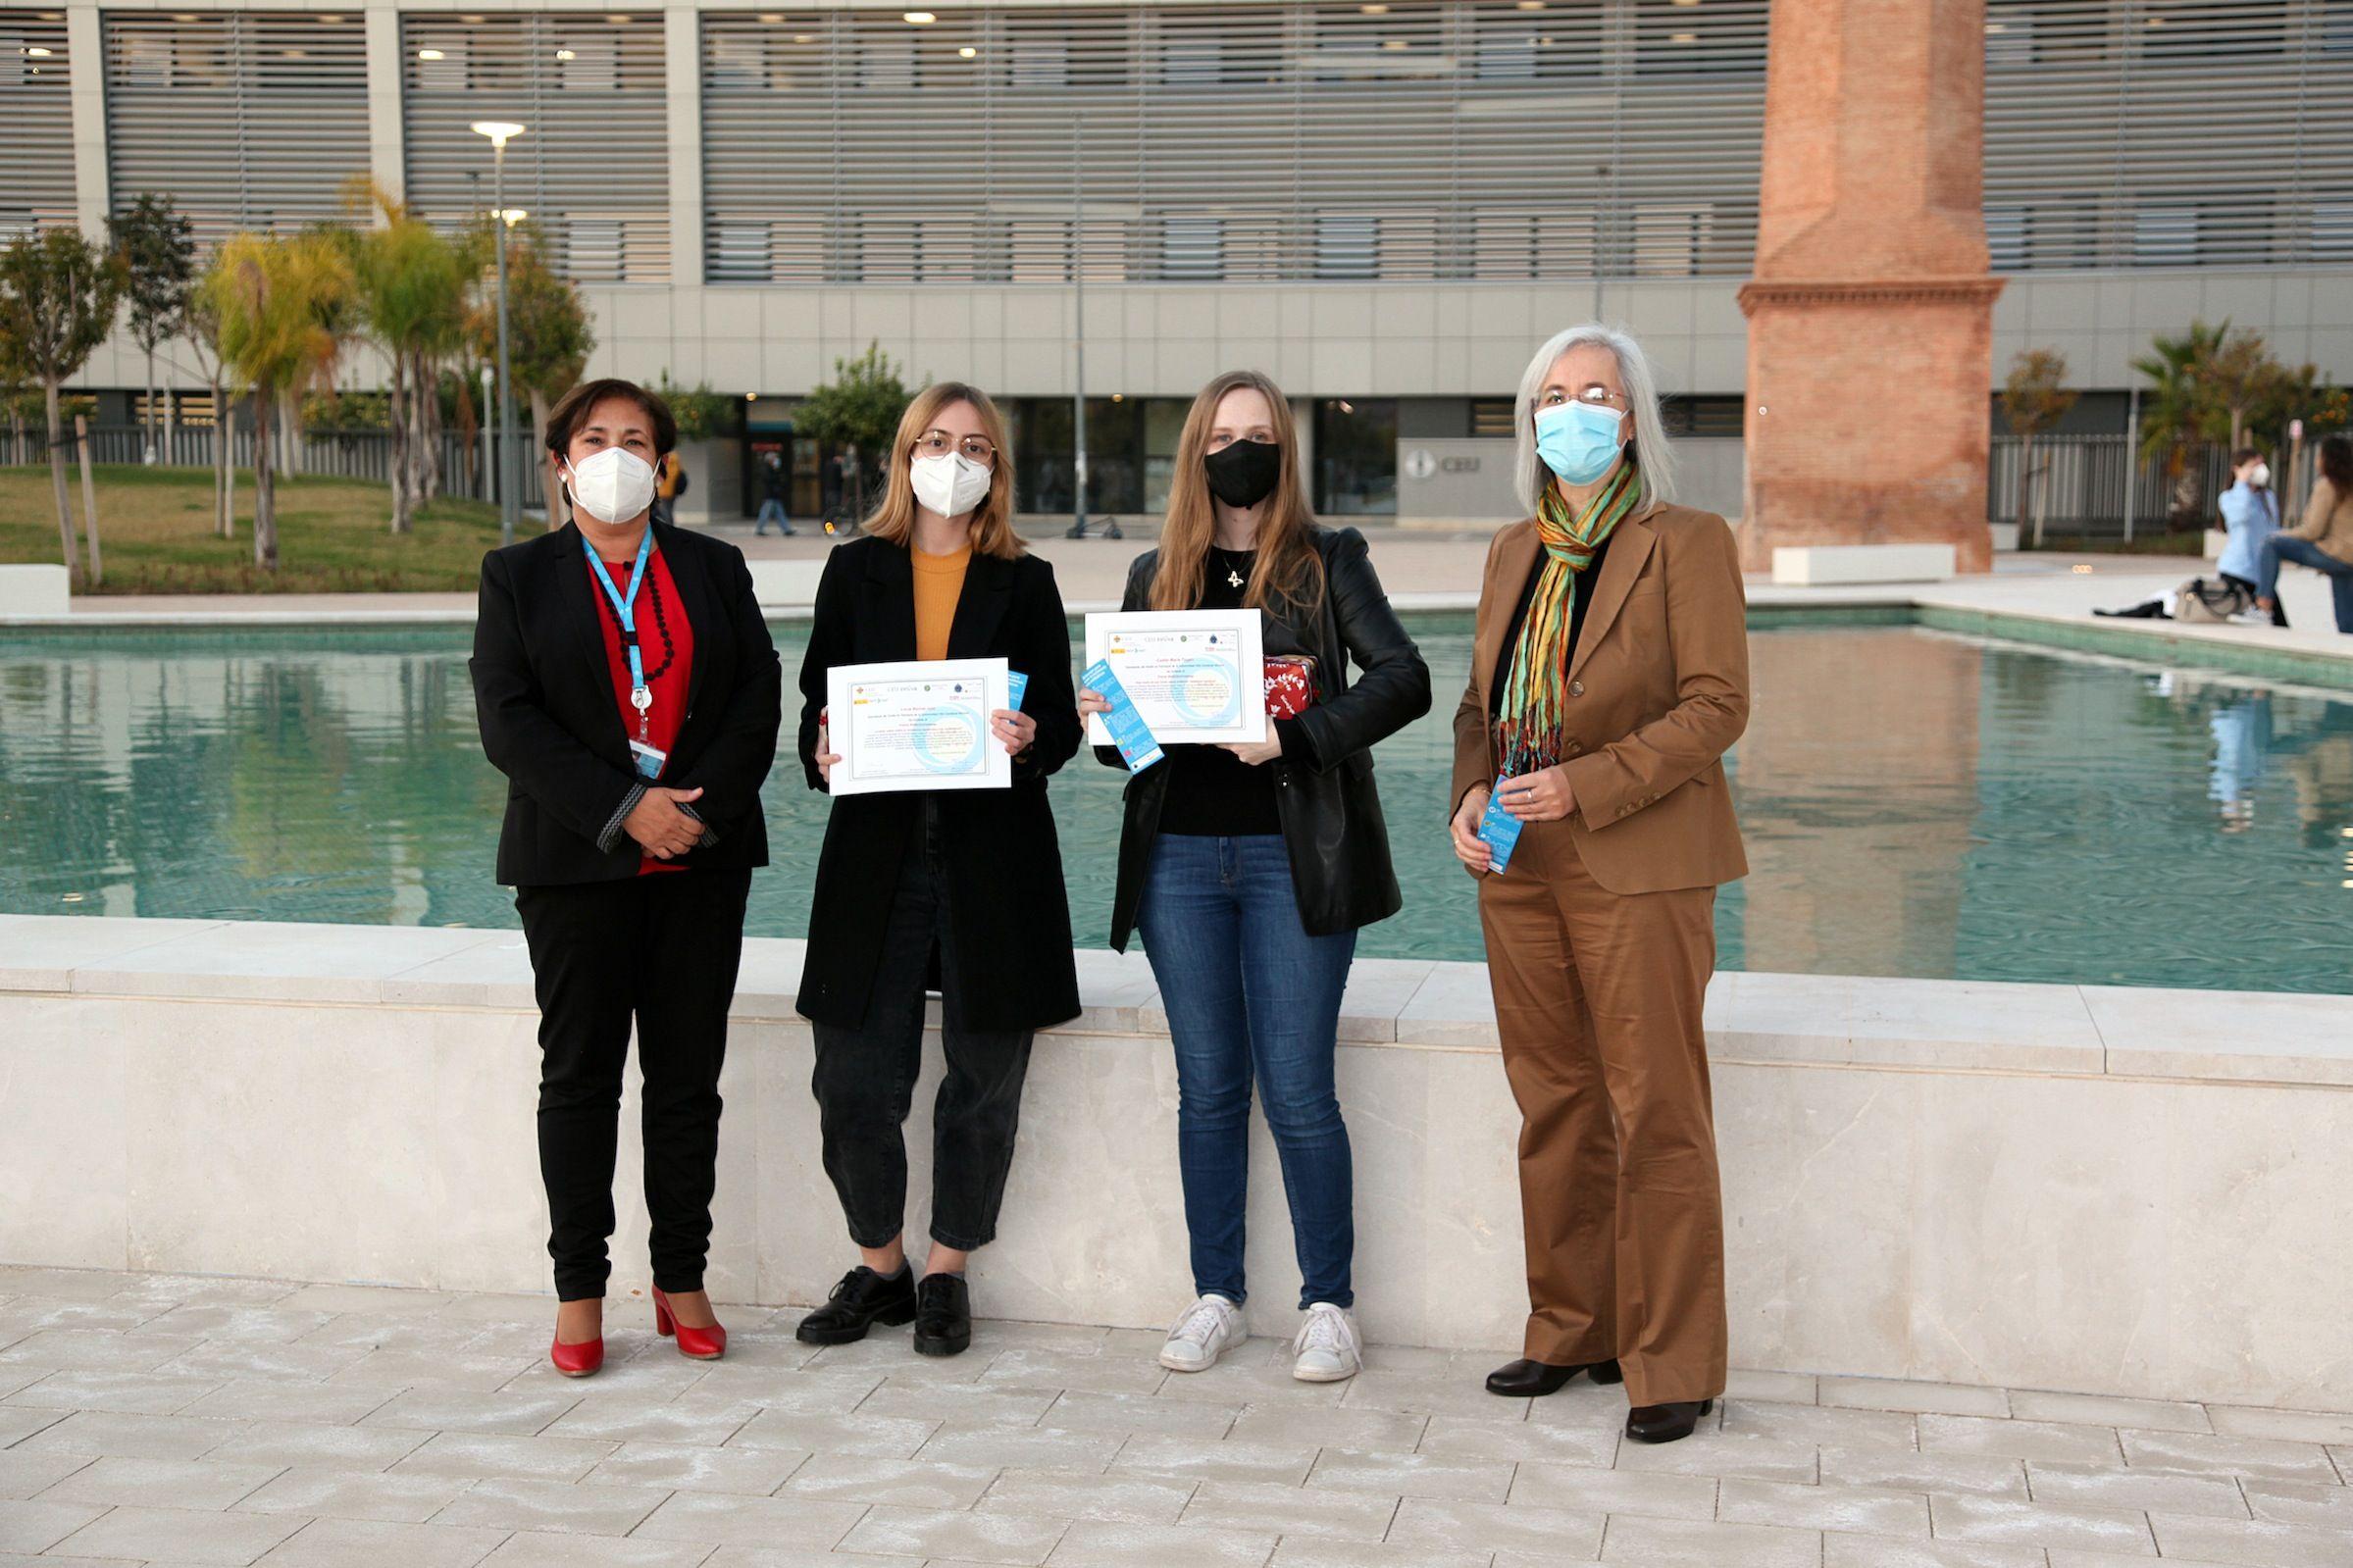 La vicerrectora de Alumnado de la CEU UCH, María José González, las estudiantes ganadoras del reto sobre antibióticos Lucía Bernat y Caitlin Tygart, y la directora del equipo SWICEU, Teresa Pérez Gracia, en la entrega de los premios.